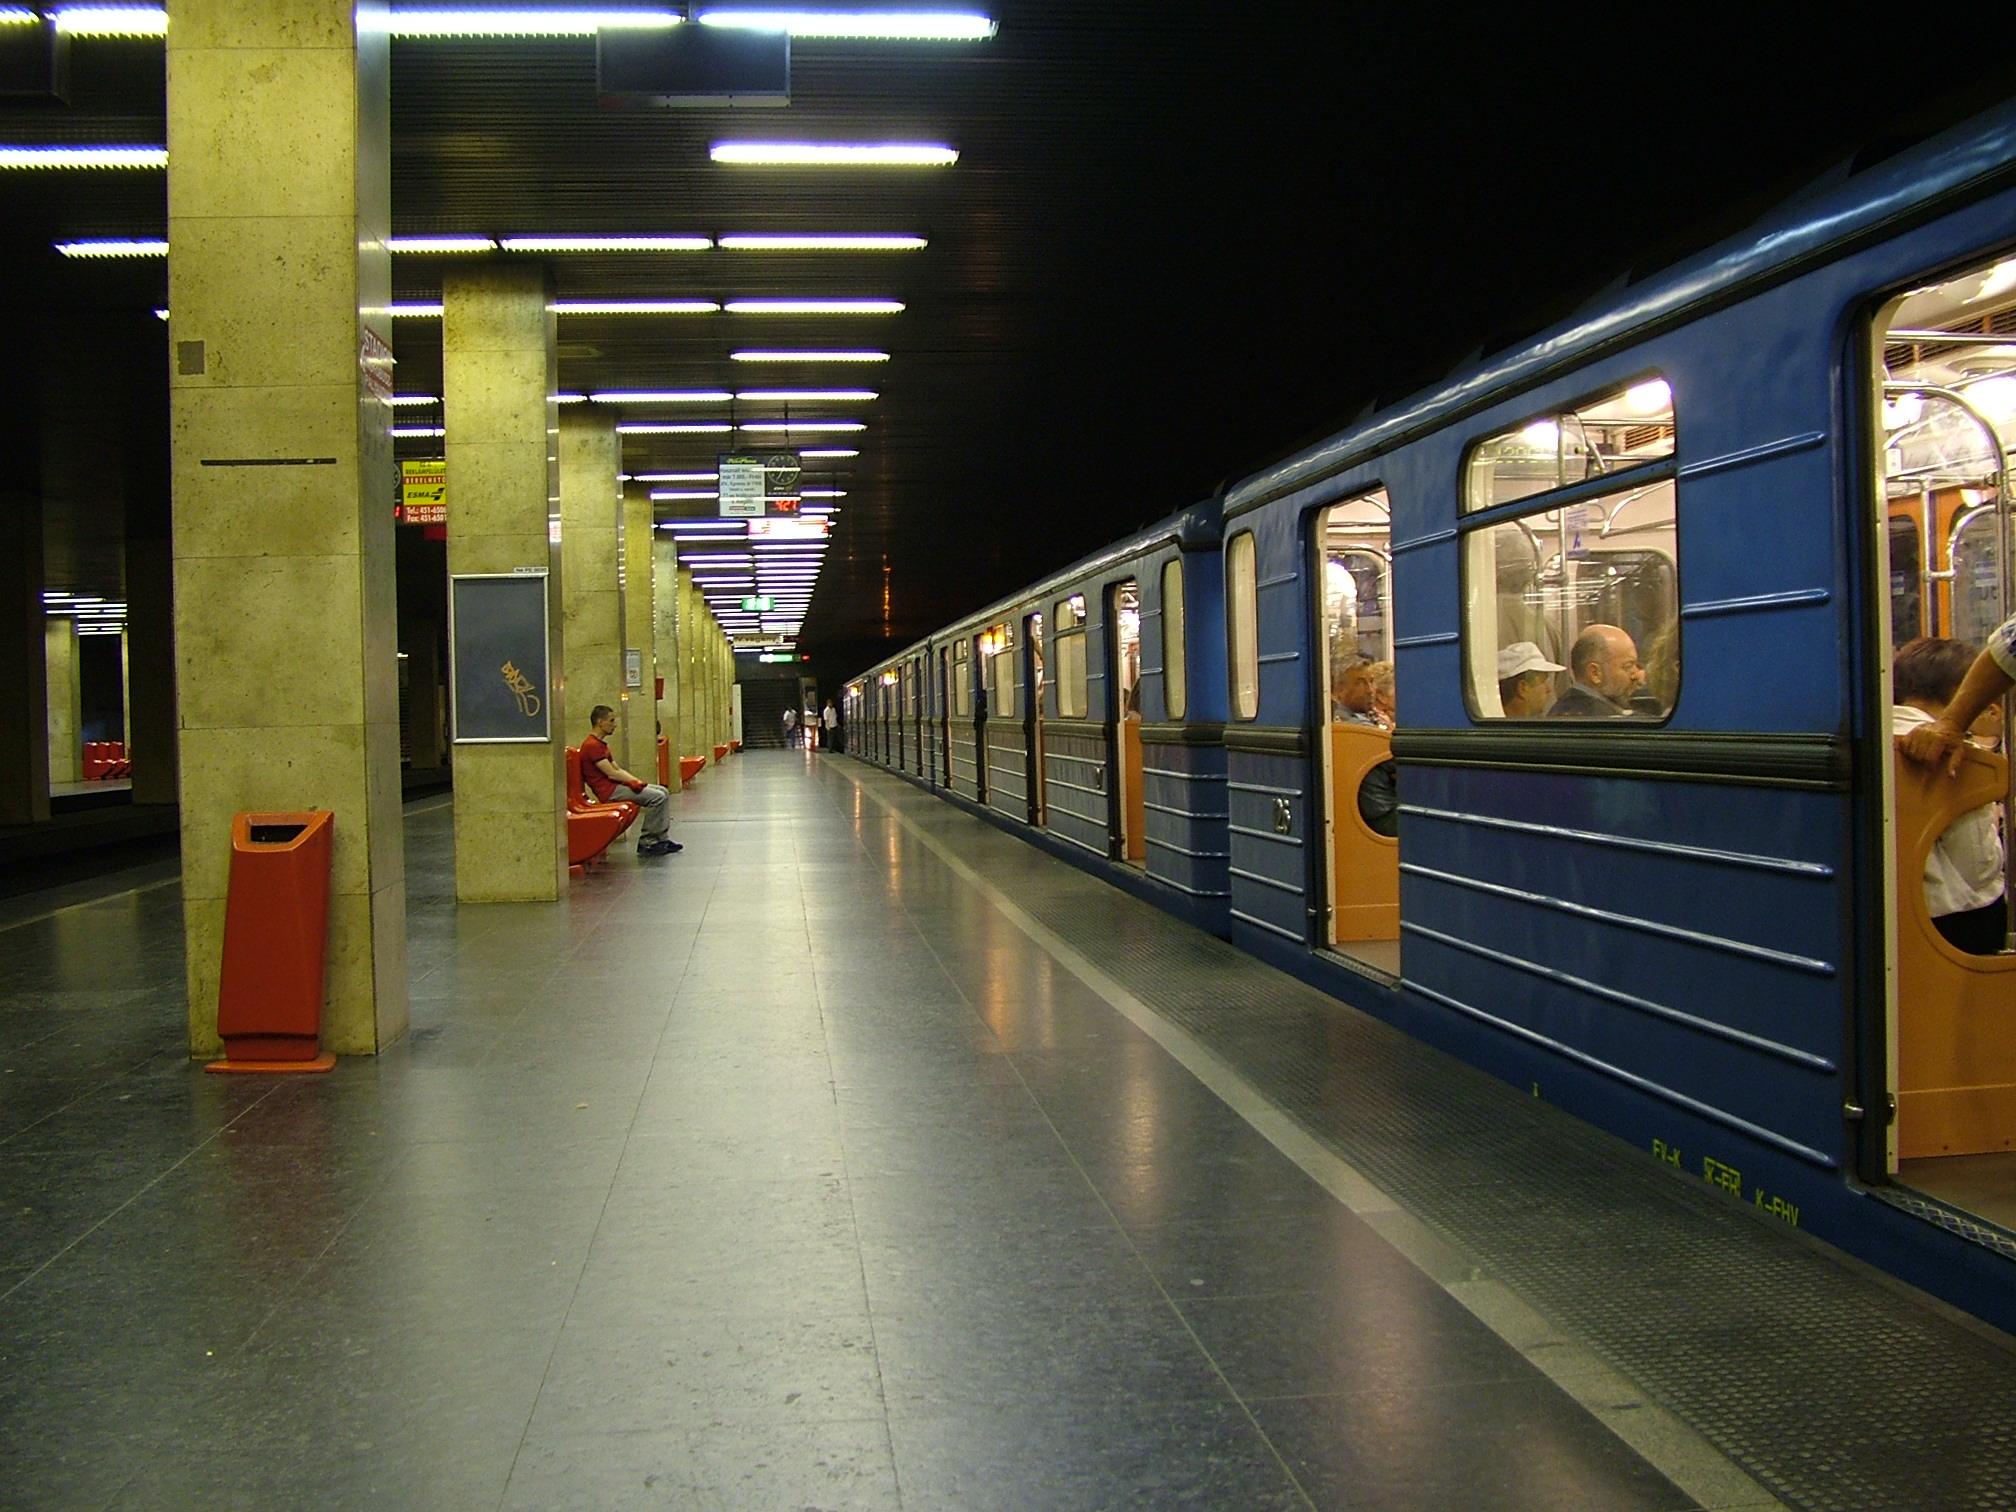 привык желтое метро картинка значит, что